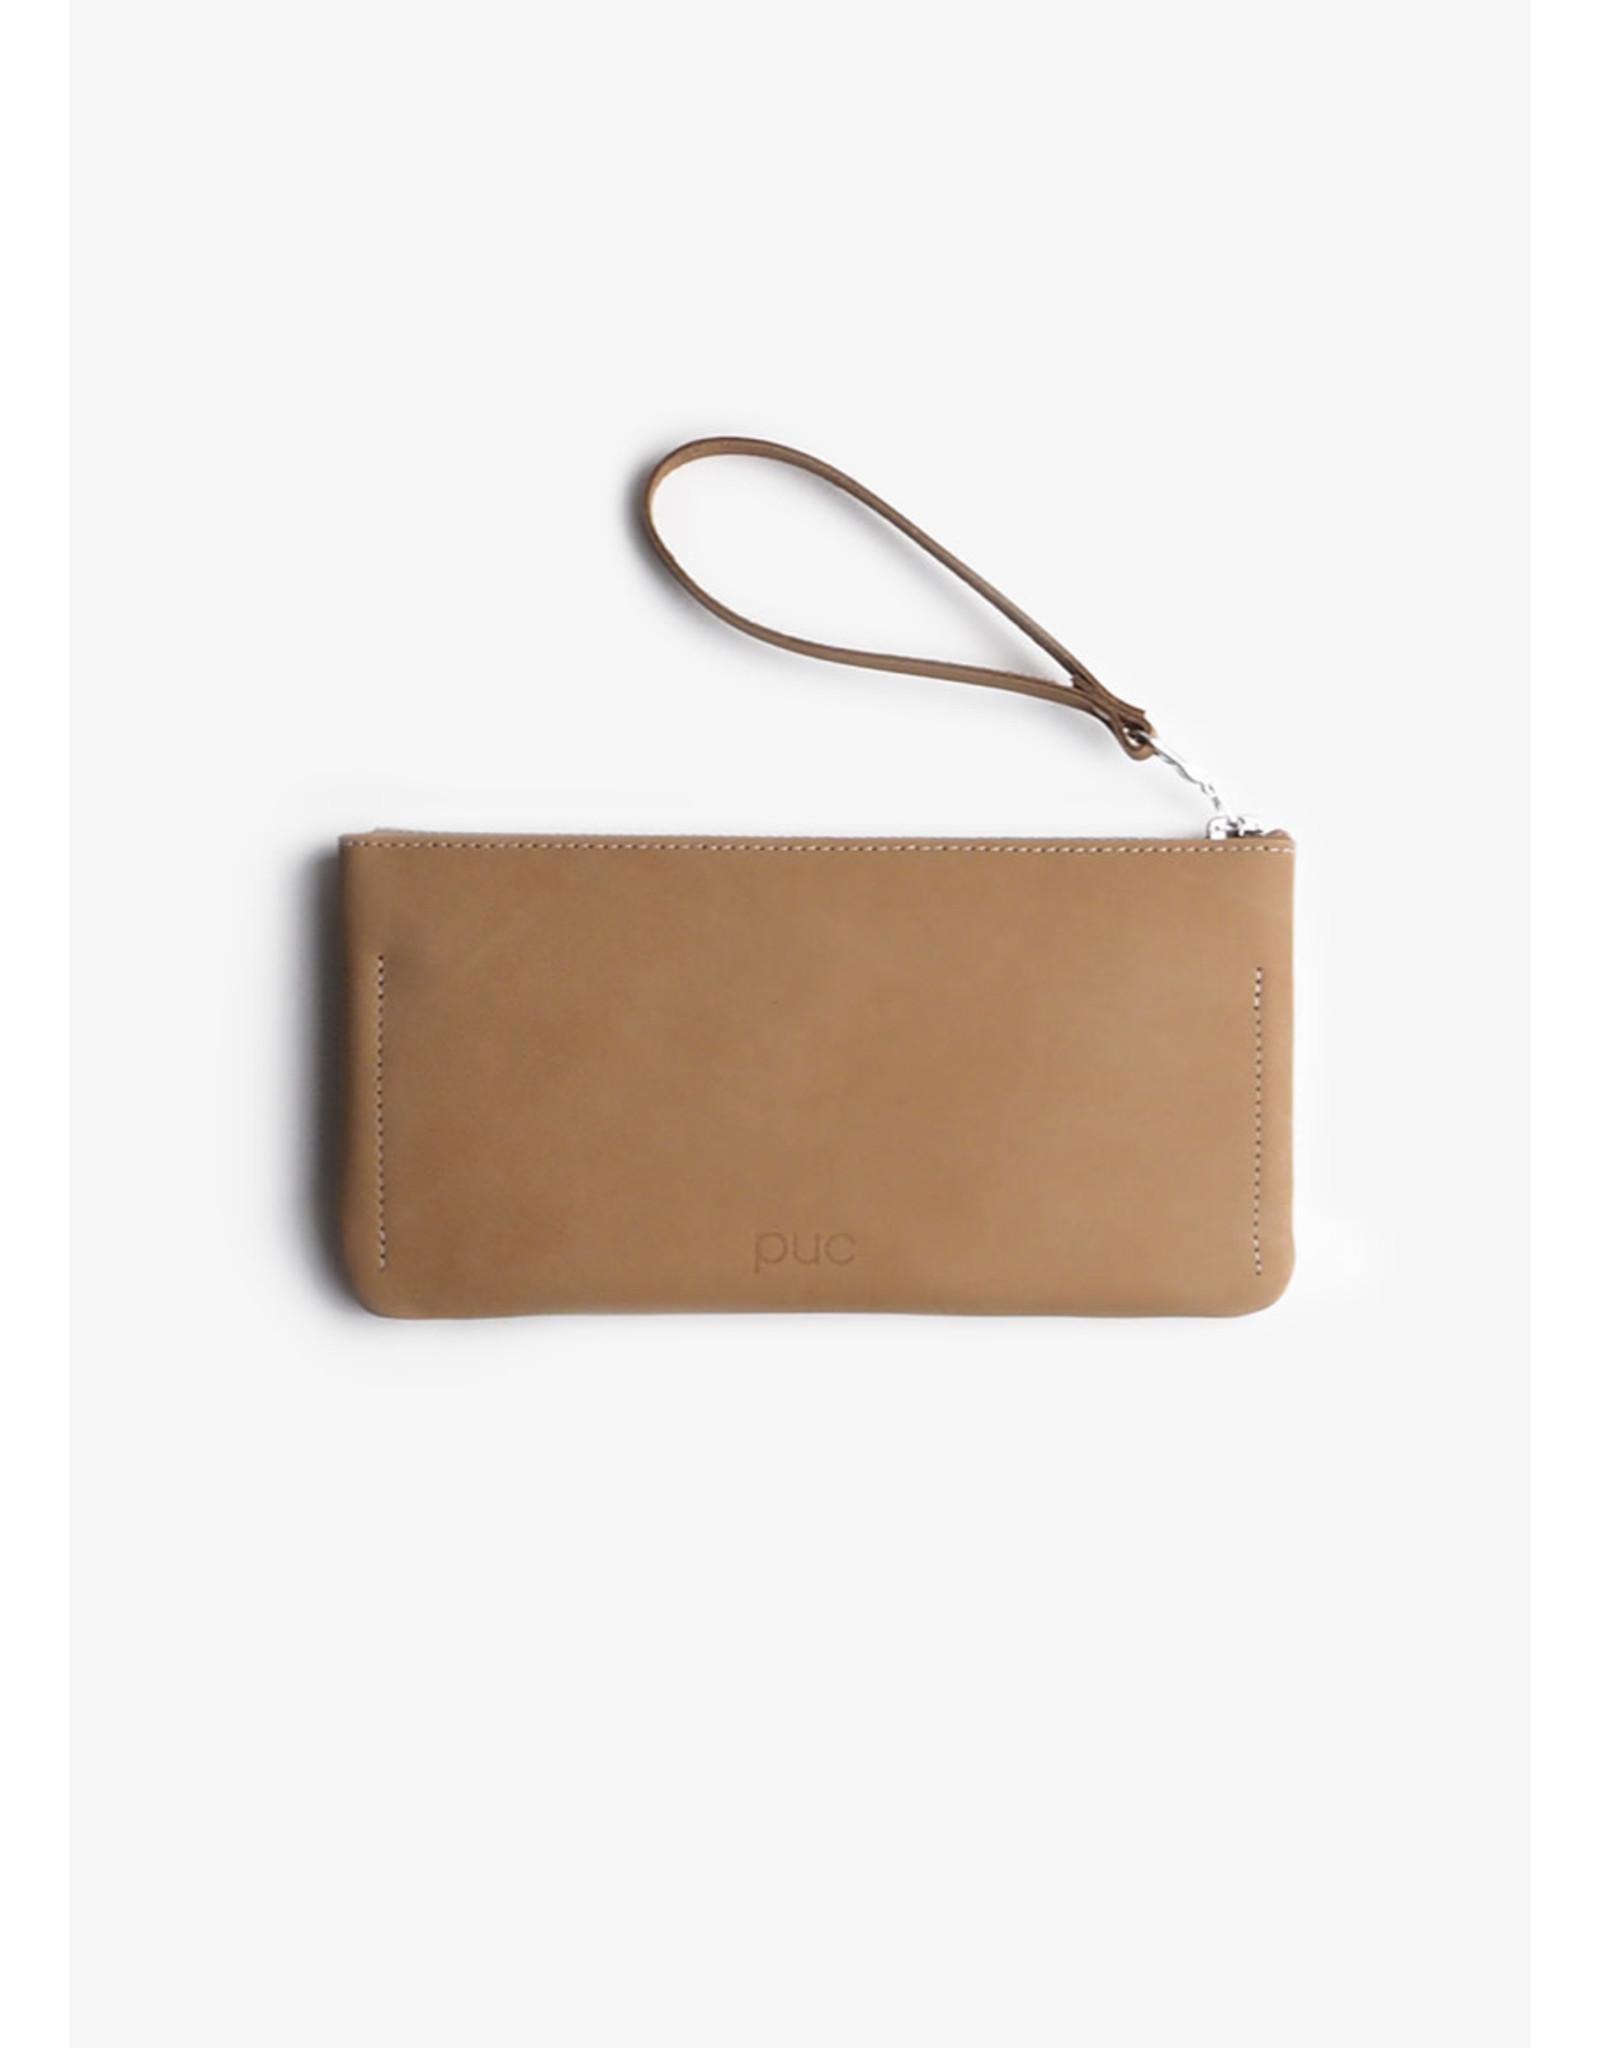 Puc Journey Wallet | Cognac | 21 x 10,5 cm